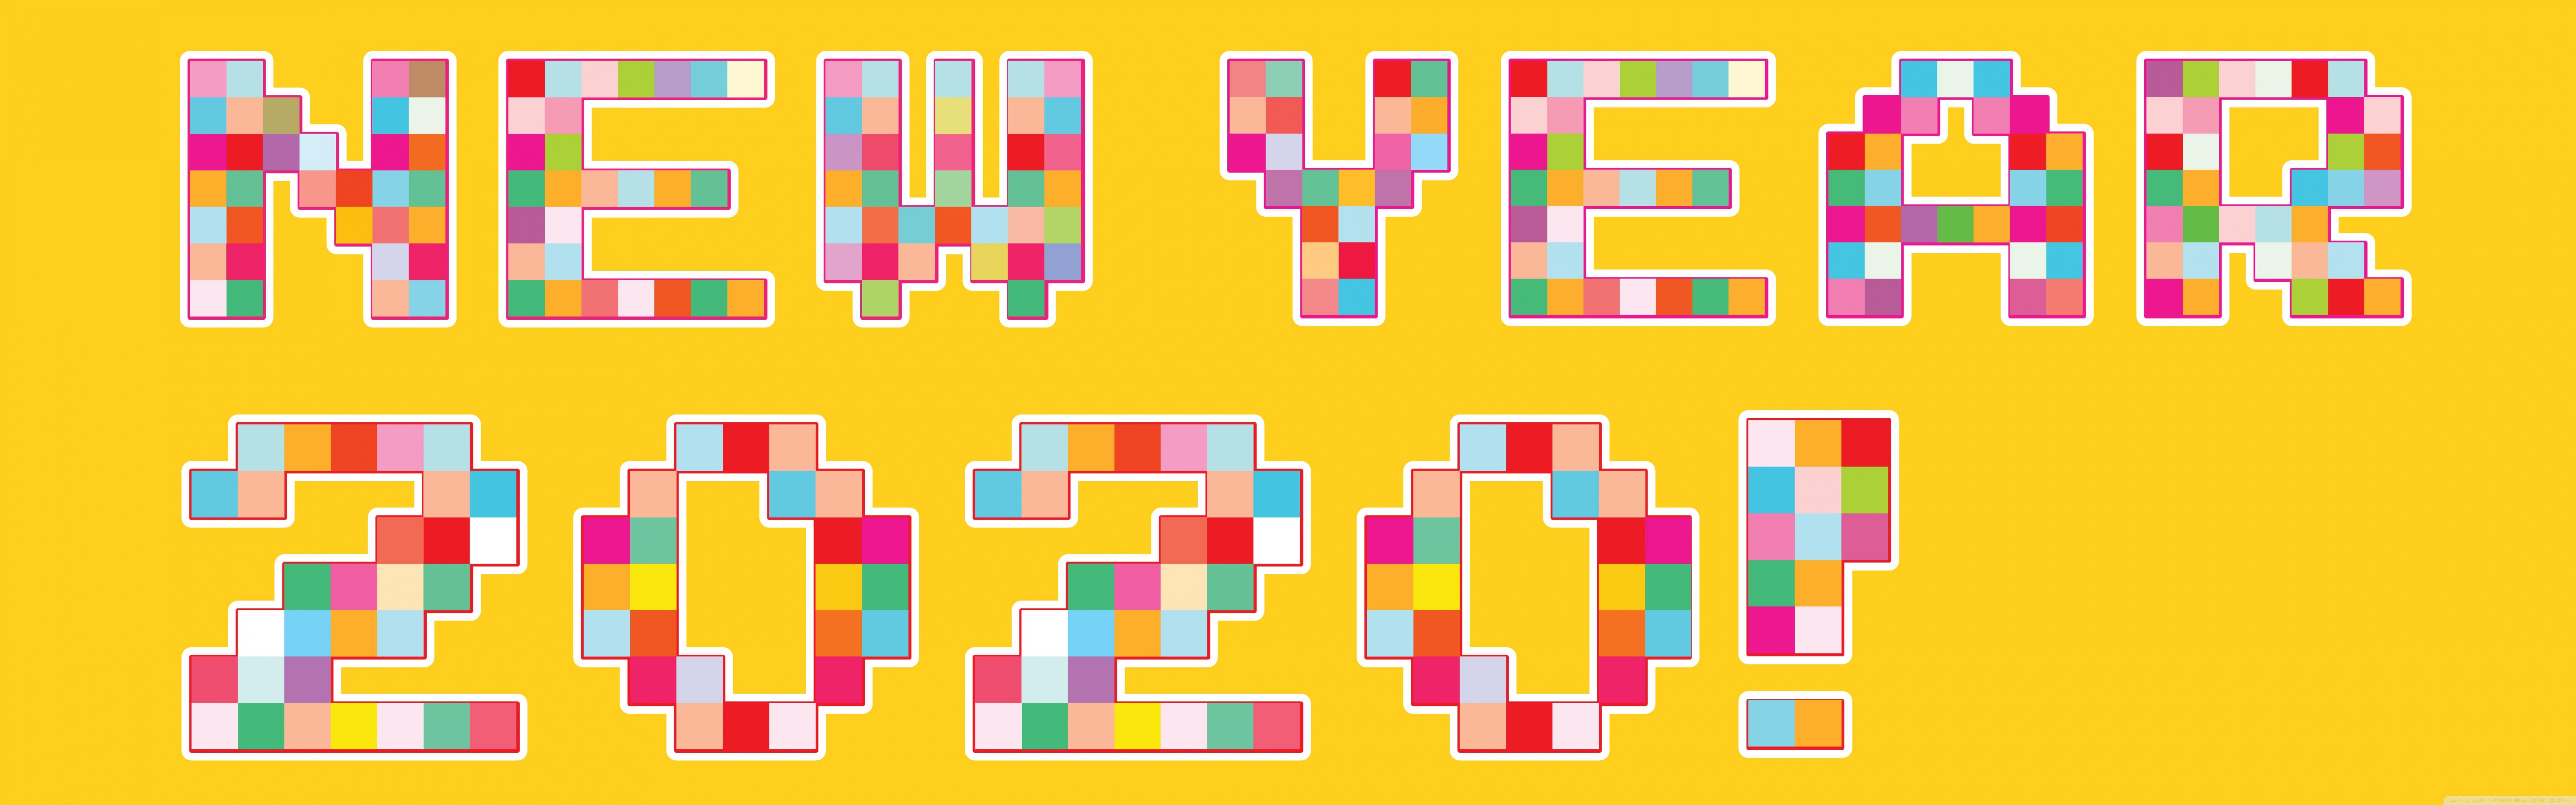 Happy New Year 2020 Pixel Art 4K HD Desktop Wallpaper for 4K 7680x2400